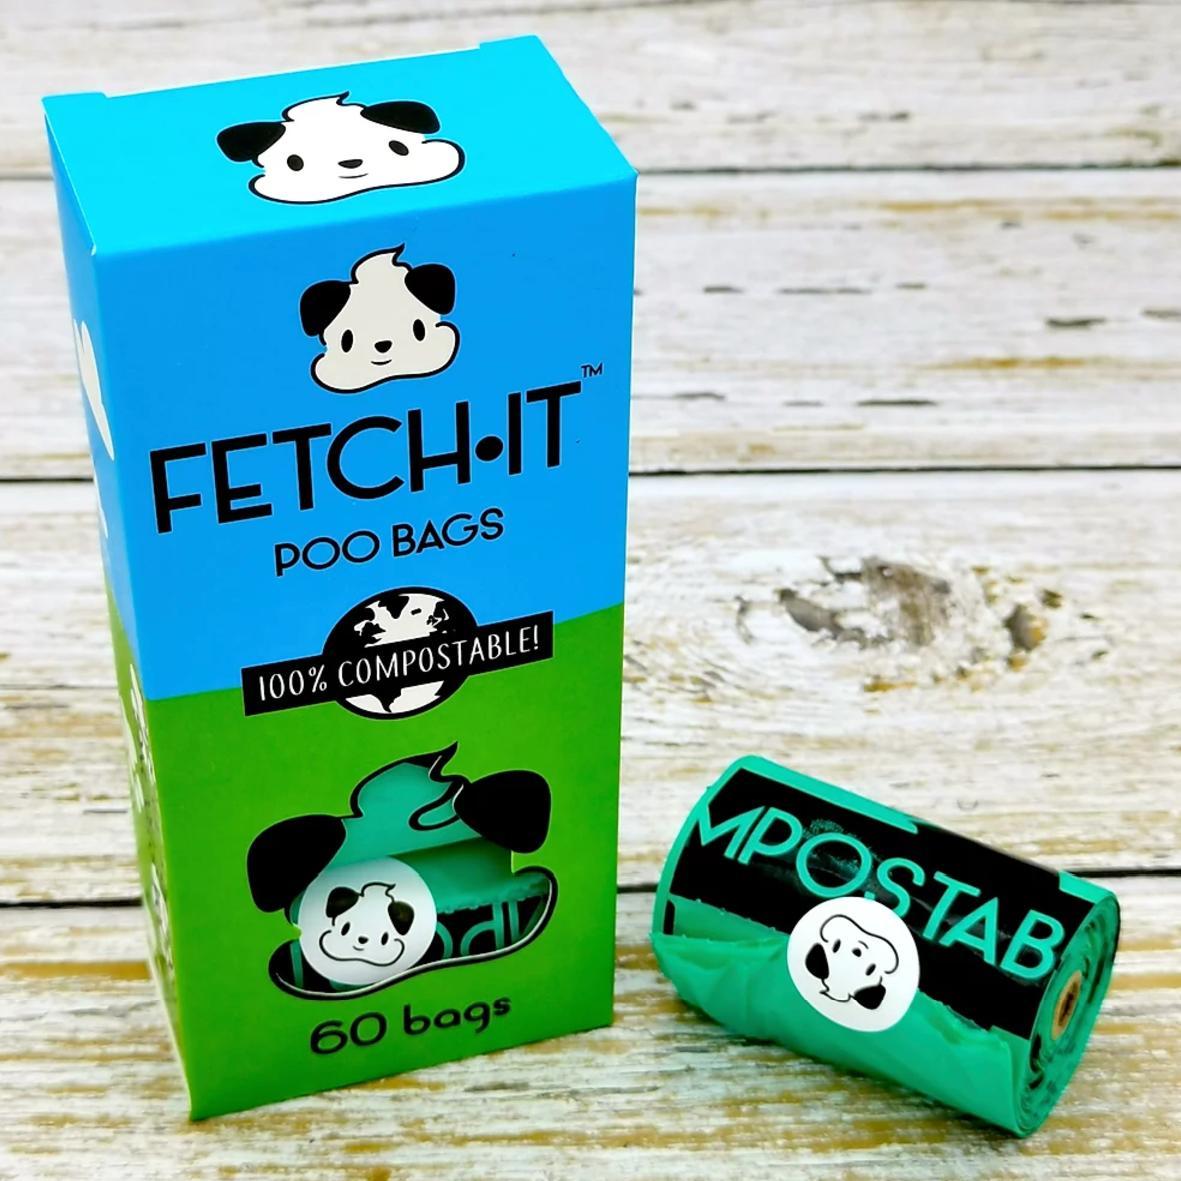 FETCHIT Poo Bags 60pcs (100% Compostable)